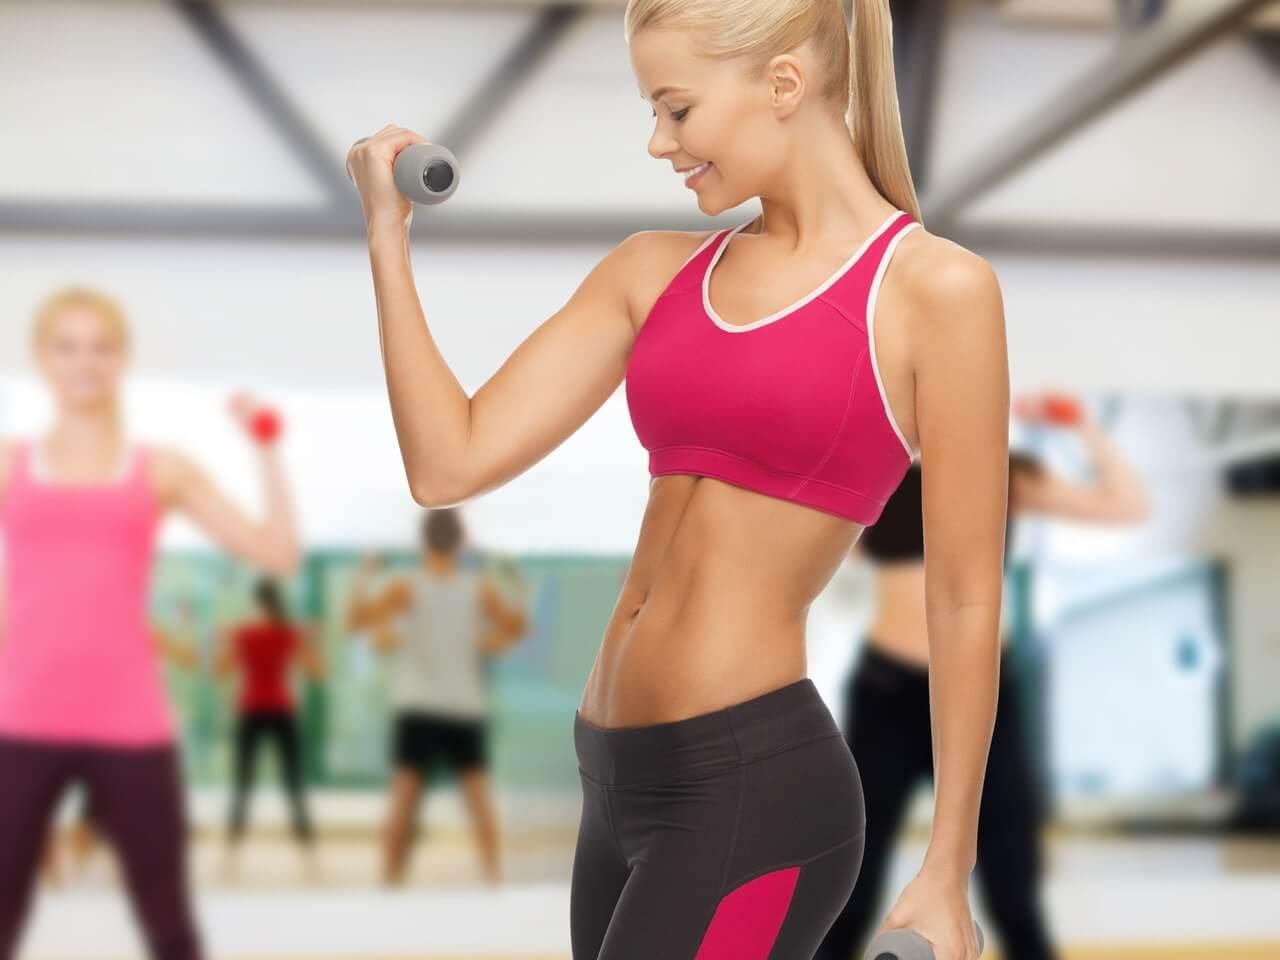 похудеть с помощью мкц отзывы худеющих